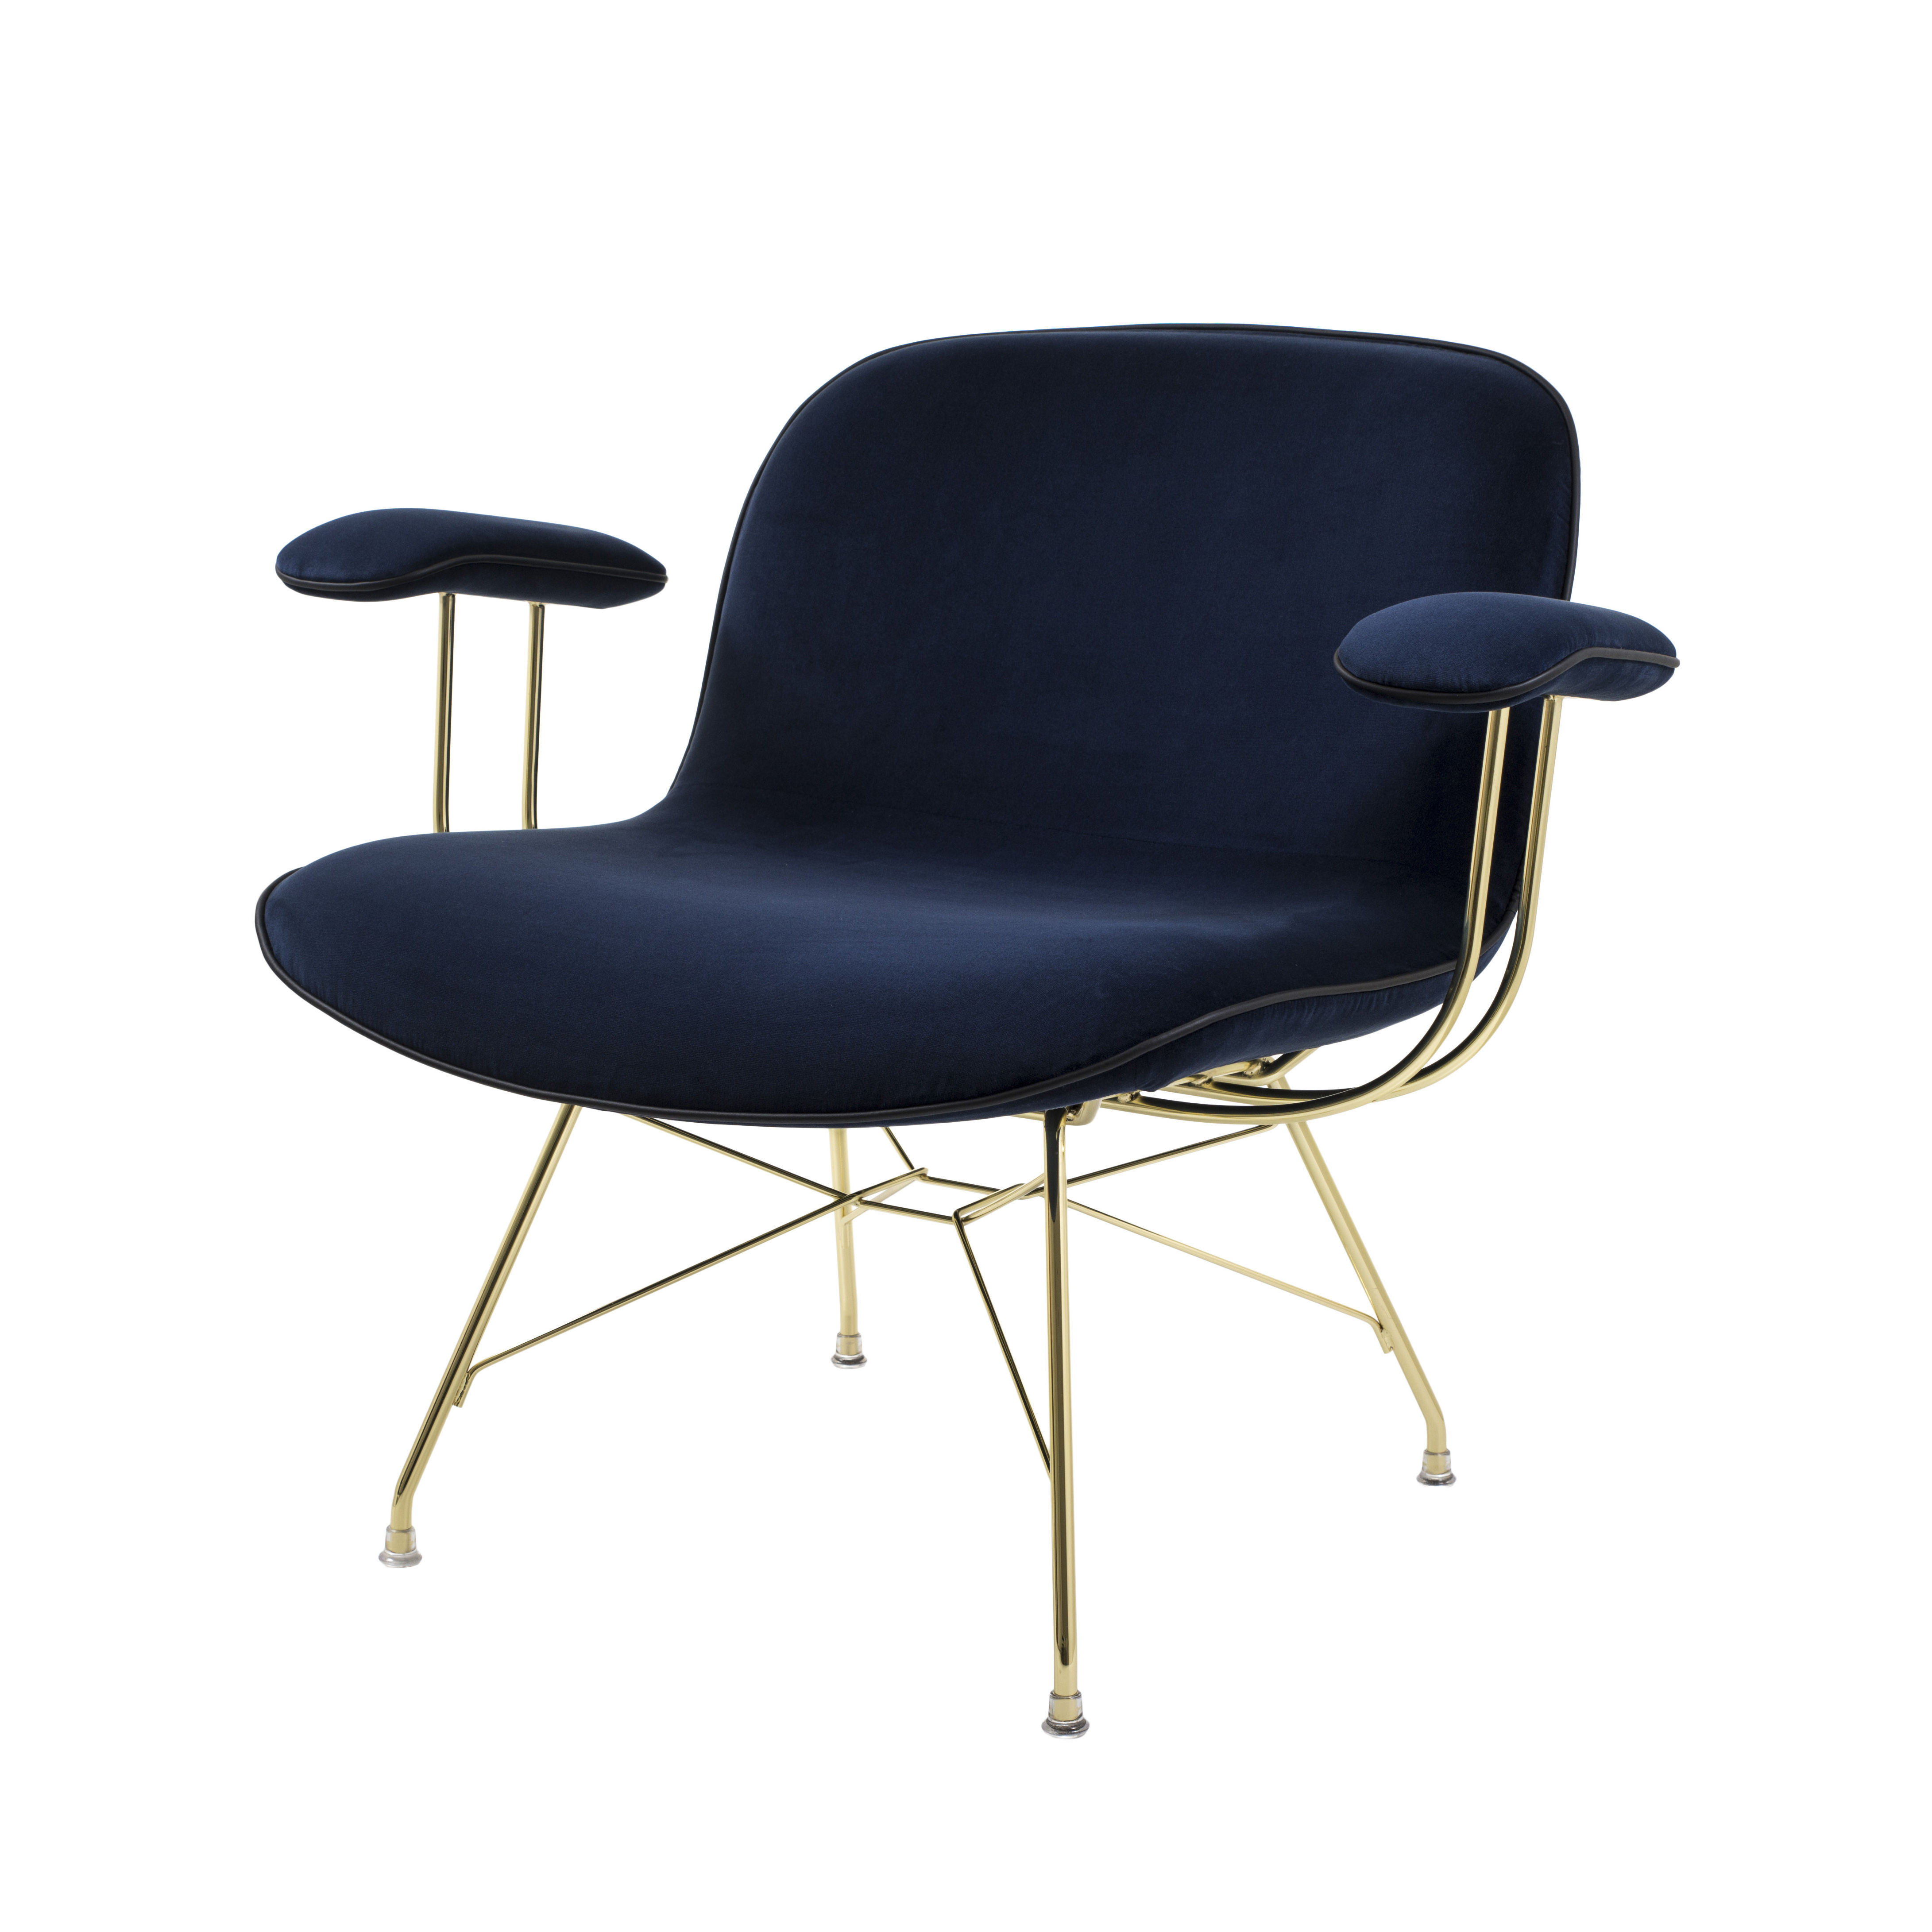 Arredamento - Poltrone design  - Poltrona bassa Troy - / Velluto & gambe filo d'acciaio di Magis - Velluto blu / Oro - , Acciaio, Velluto